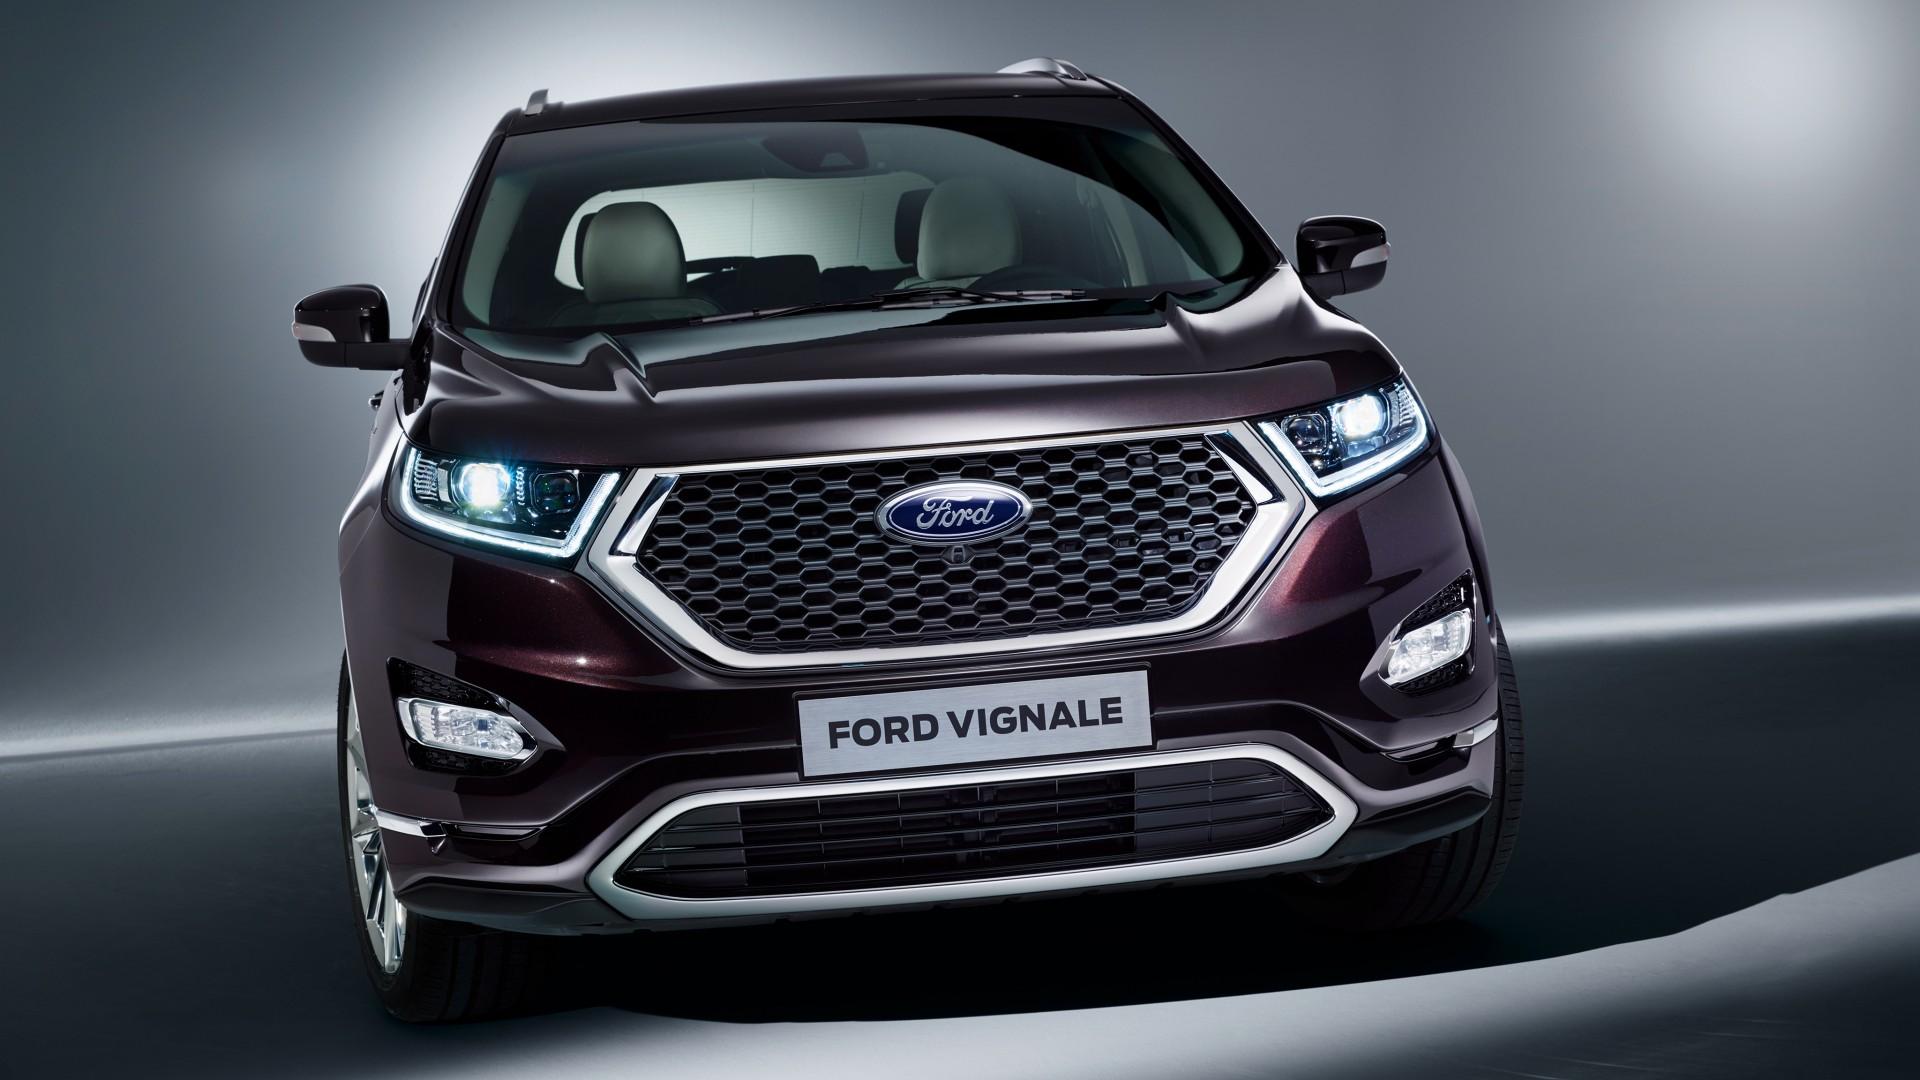 Wallpaper Ford Vignale Edge Geneva Auto Show 2016